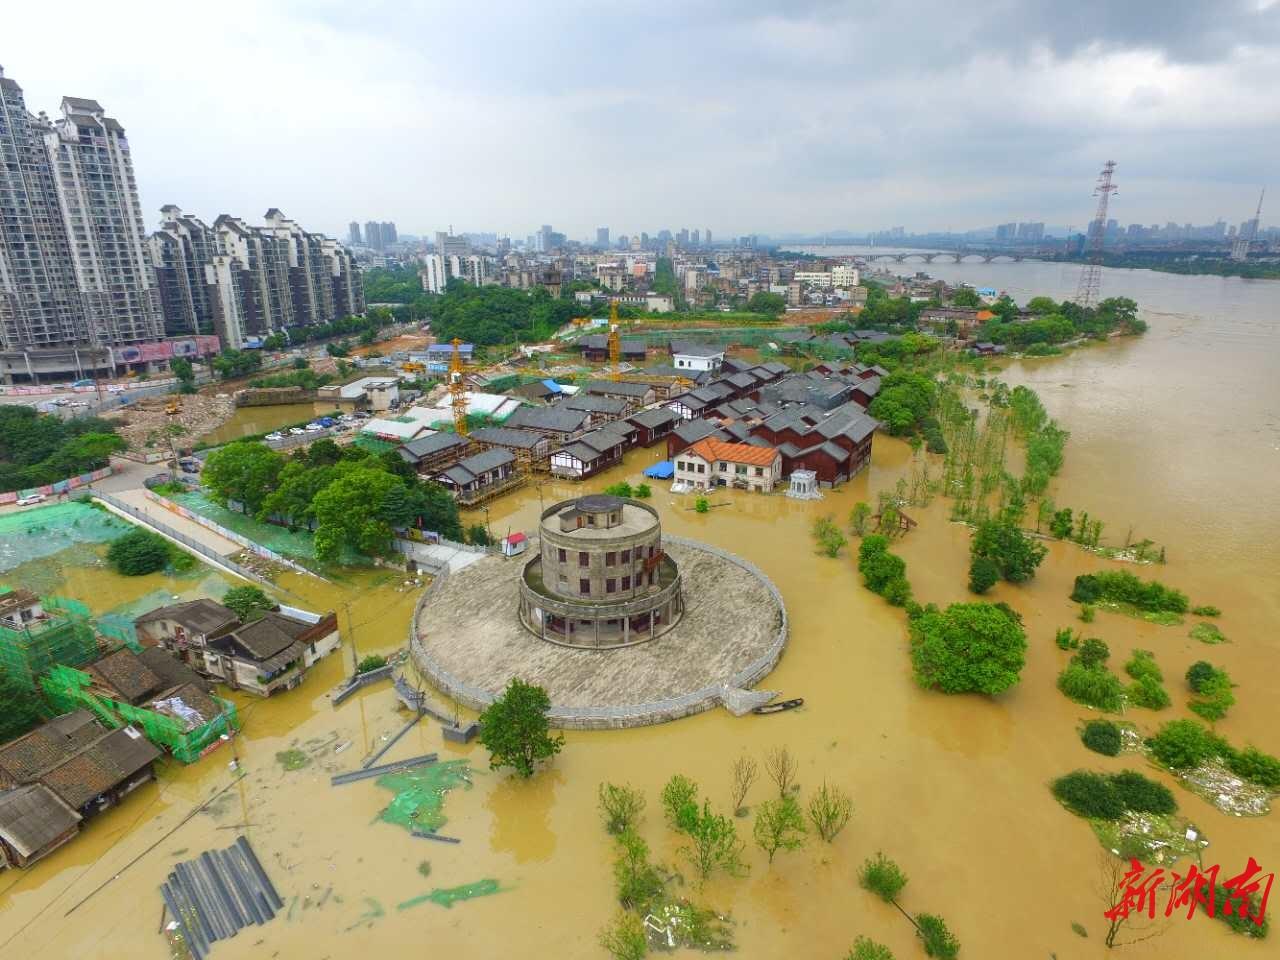 正在建设中的湘潭市雨湖区窑湾历史文化街区被洪水围困.